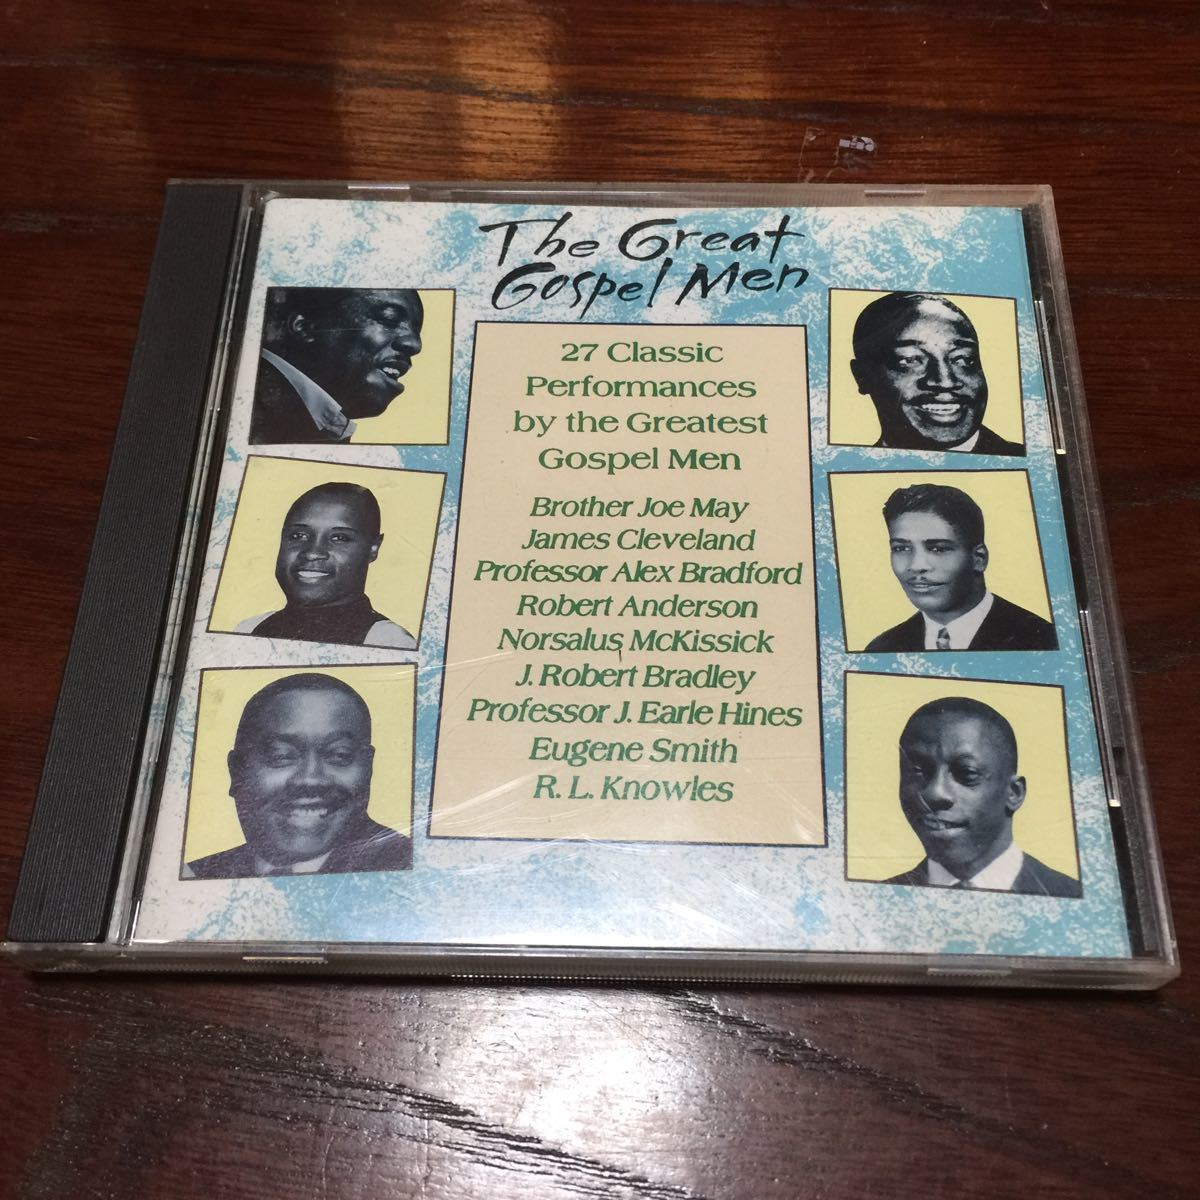 The Great Gospel Men USA盤CD